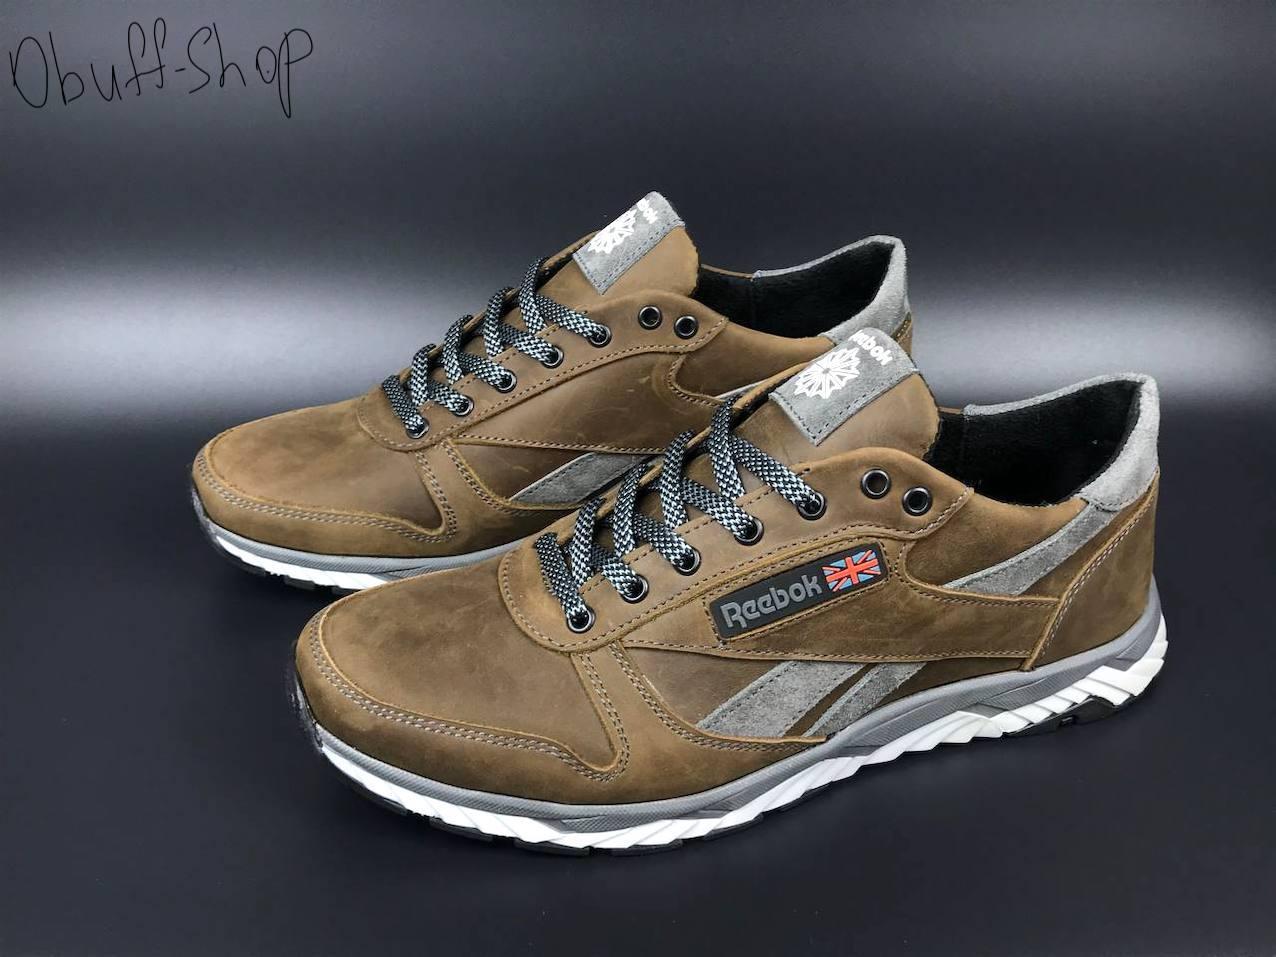 Чоловічі шкіряні кросівки Reebok демісезонні взуття в стилі Рібок